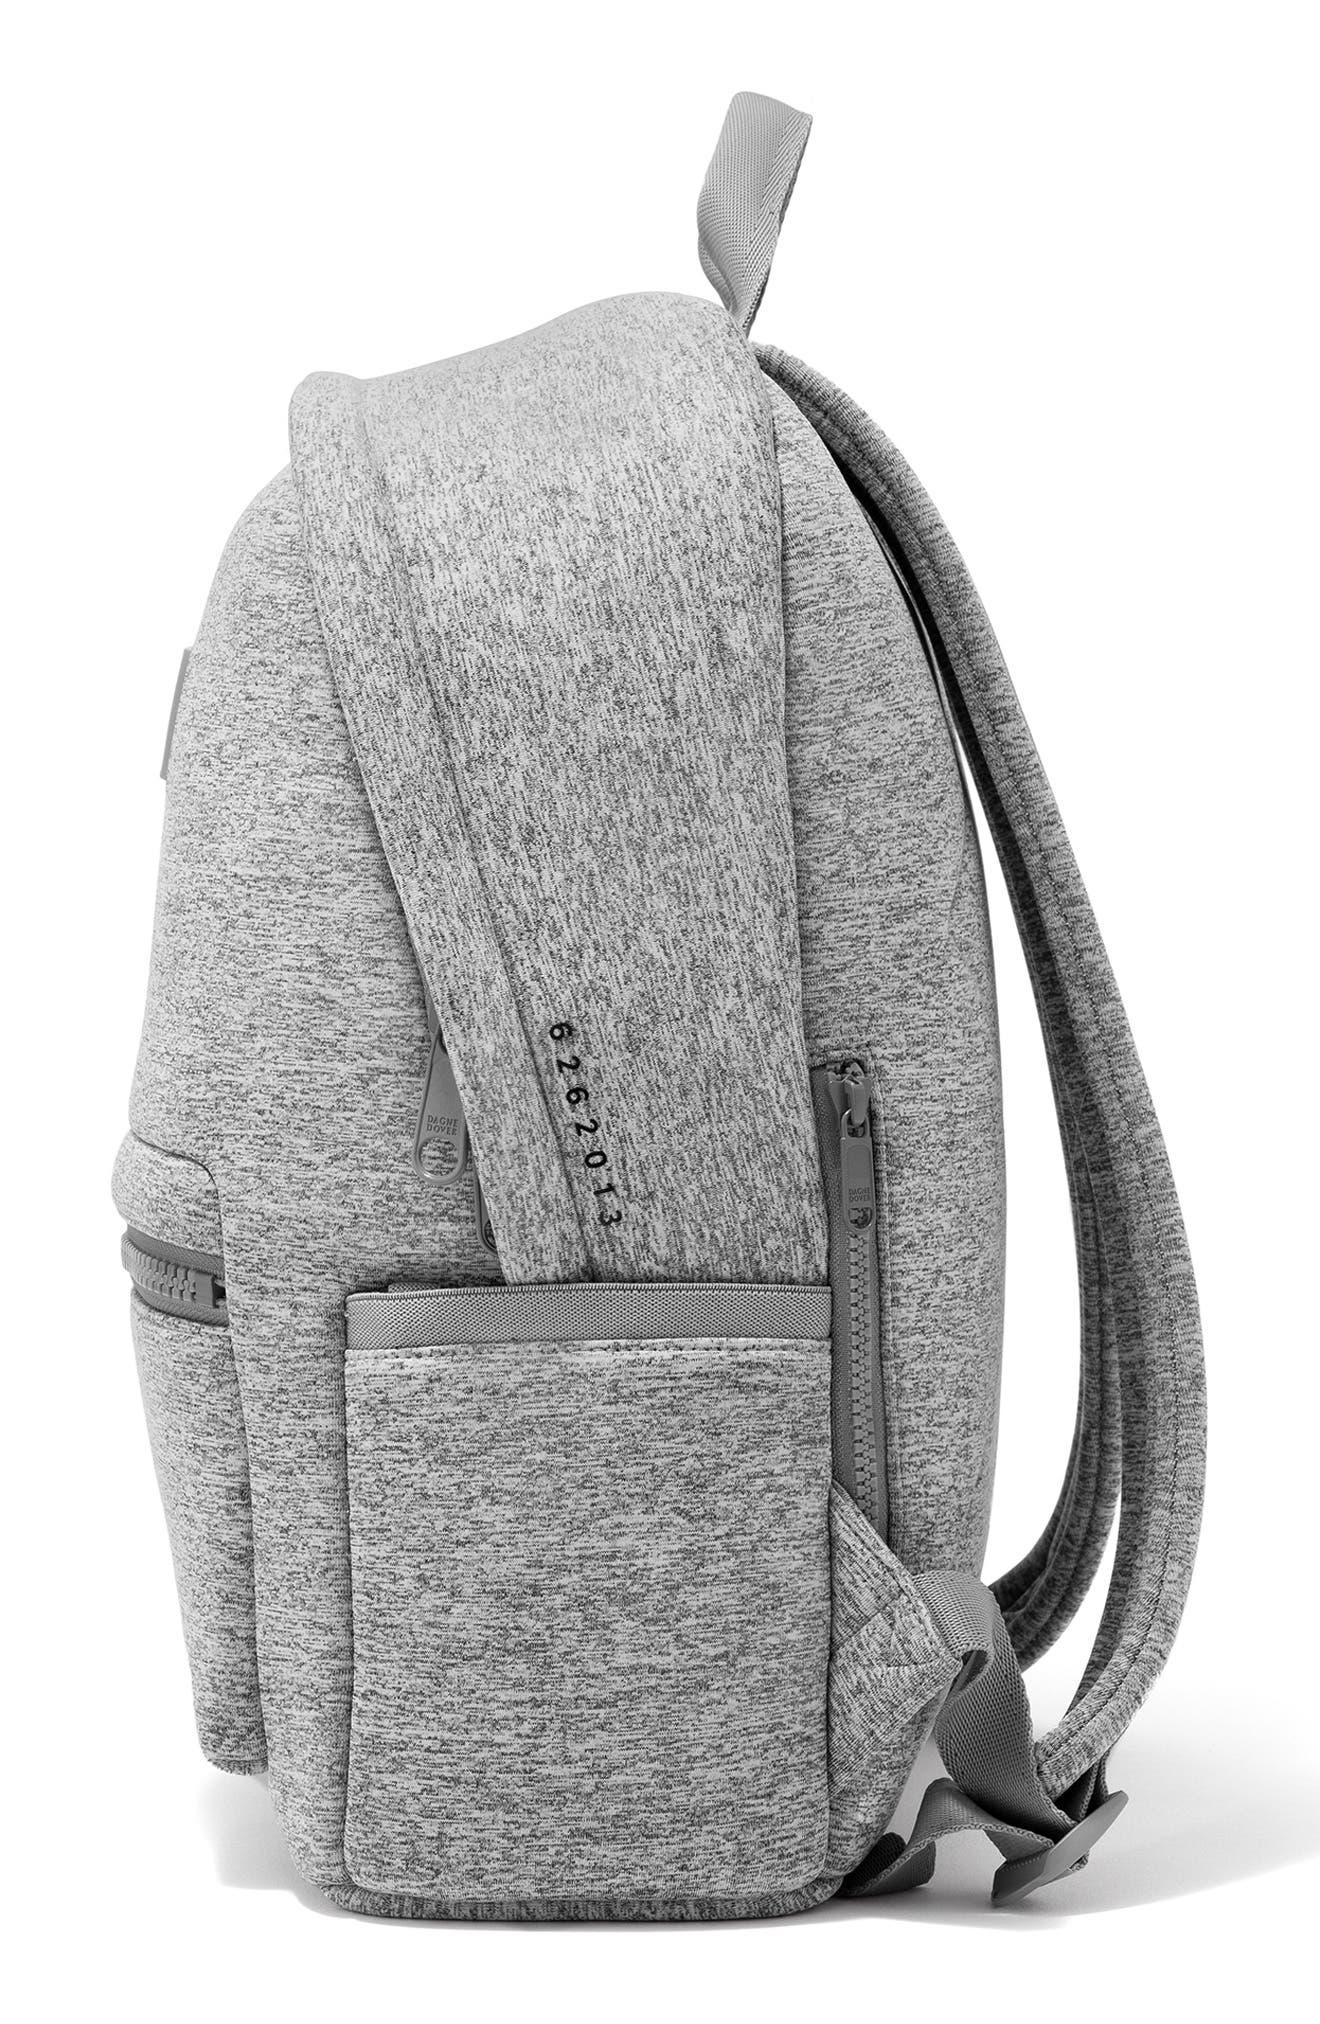 DAGNE DOVER, 365 Dakota Neoprene Backpack, Alternate thumbnail 5, color, HEATHER GREY